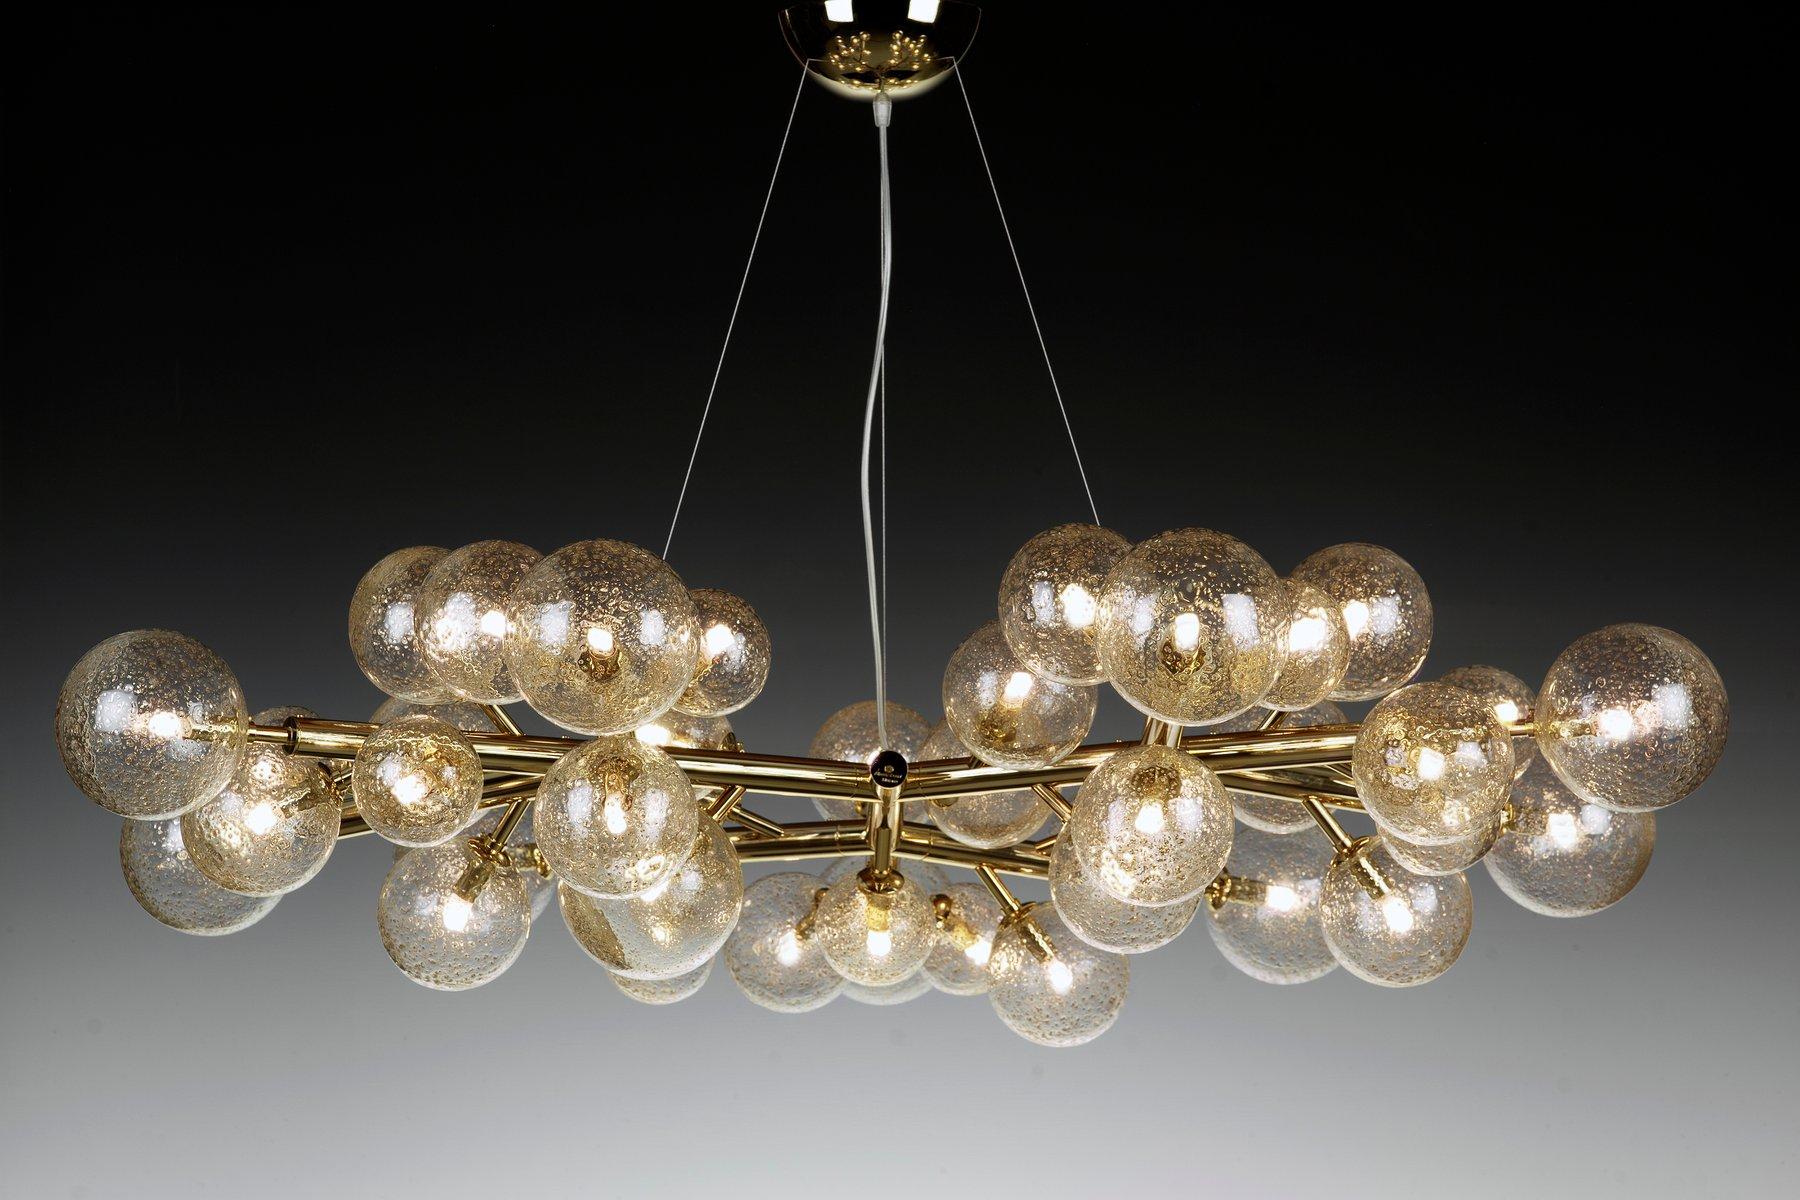 Kronleuchter Für Teelichter ~ Mimosa kronleuchter mit leuchten in gold von alberto dona bei